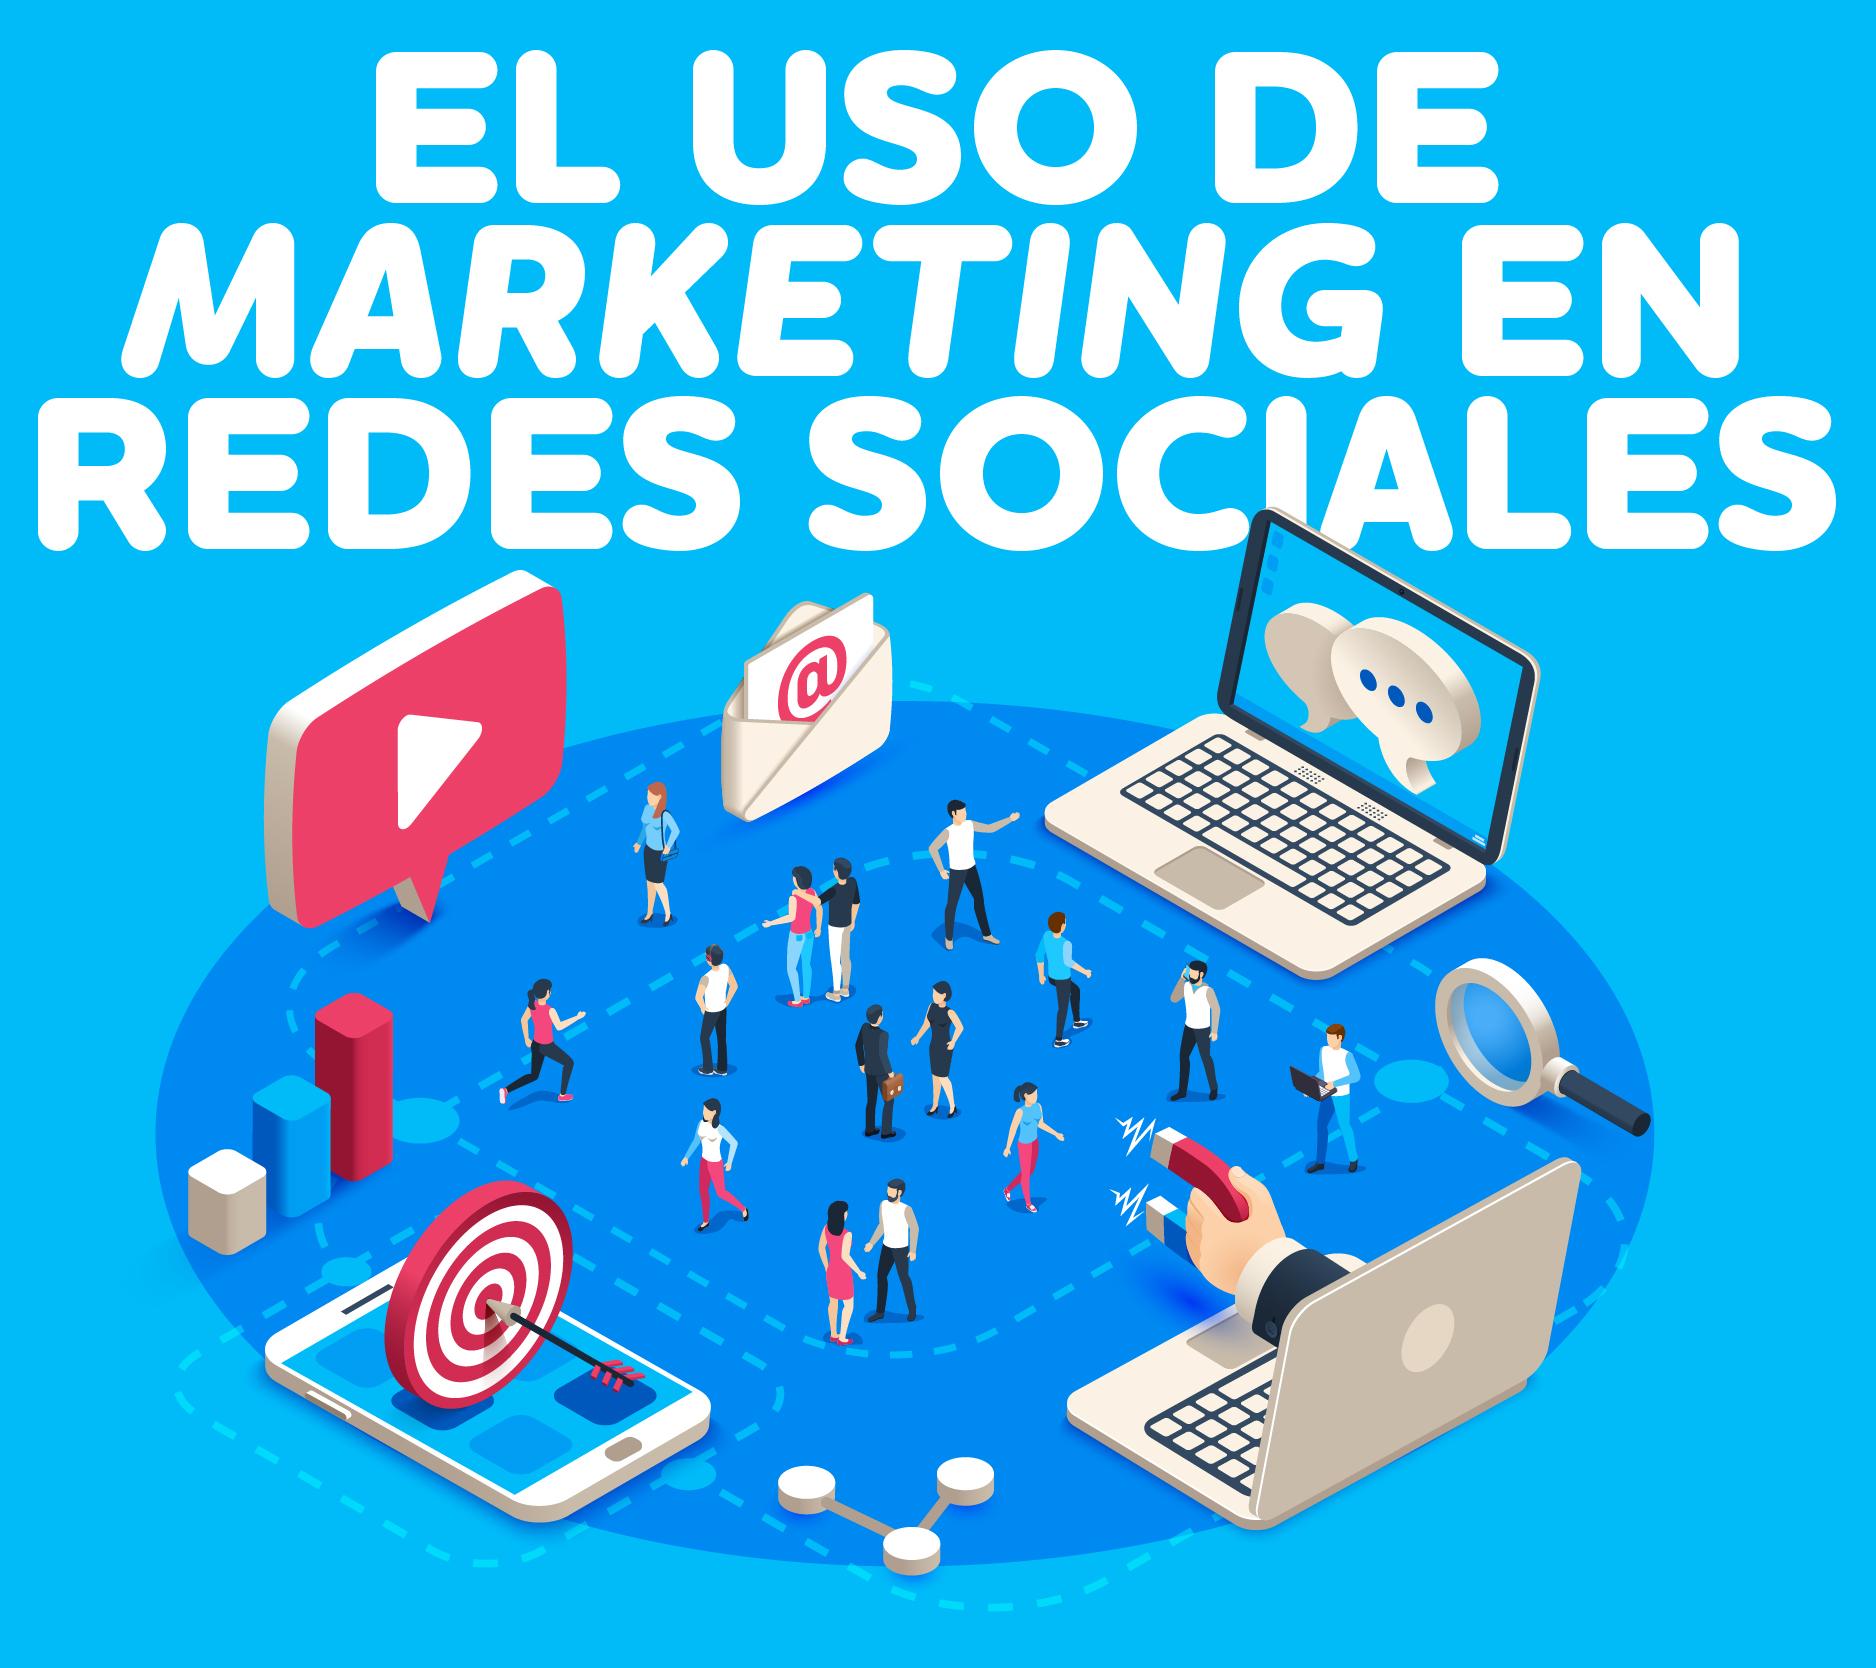 El uso de marketing en redes sociales